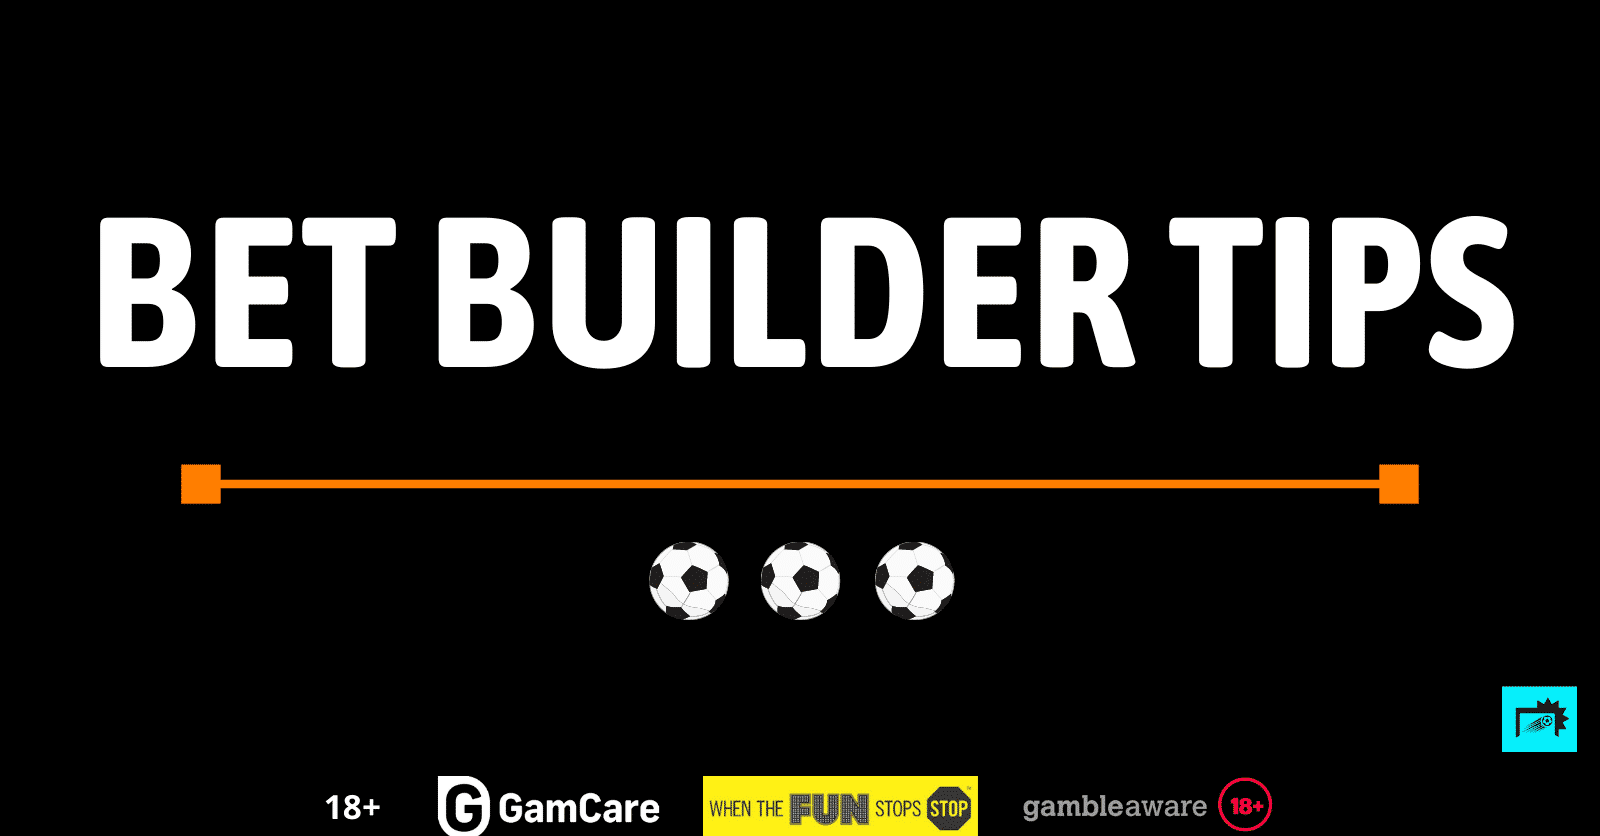 Bet Builder Tips Today